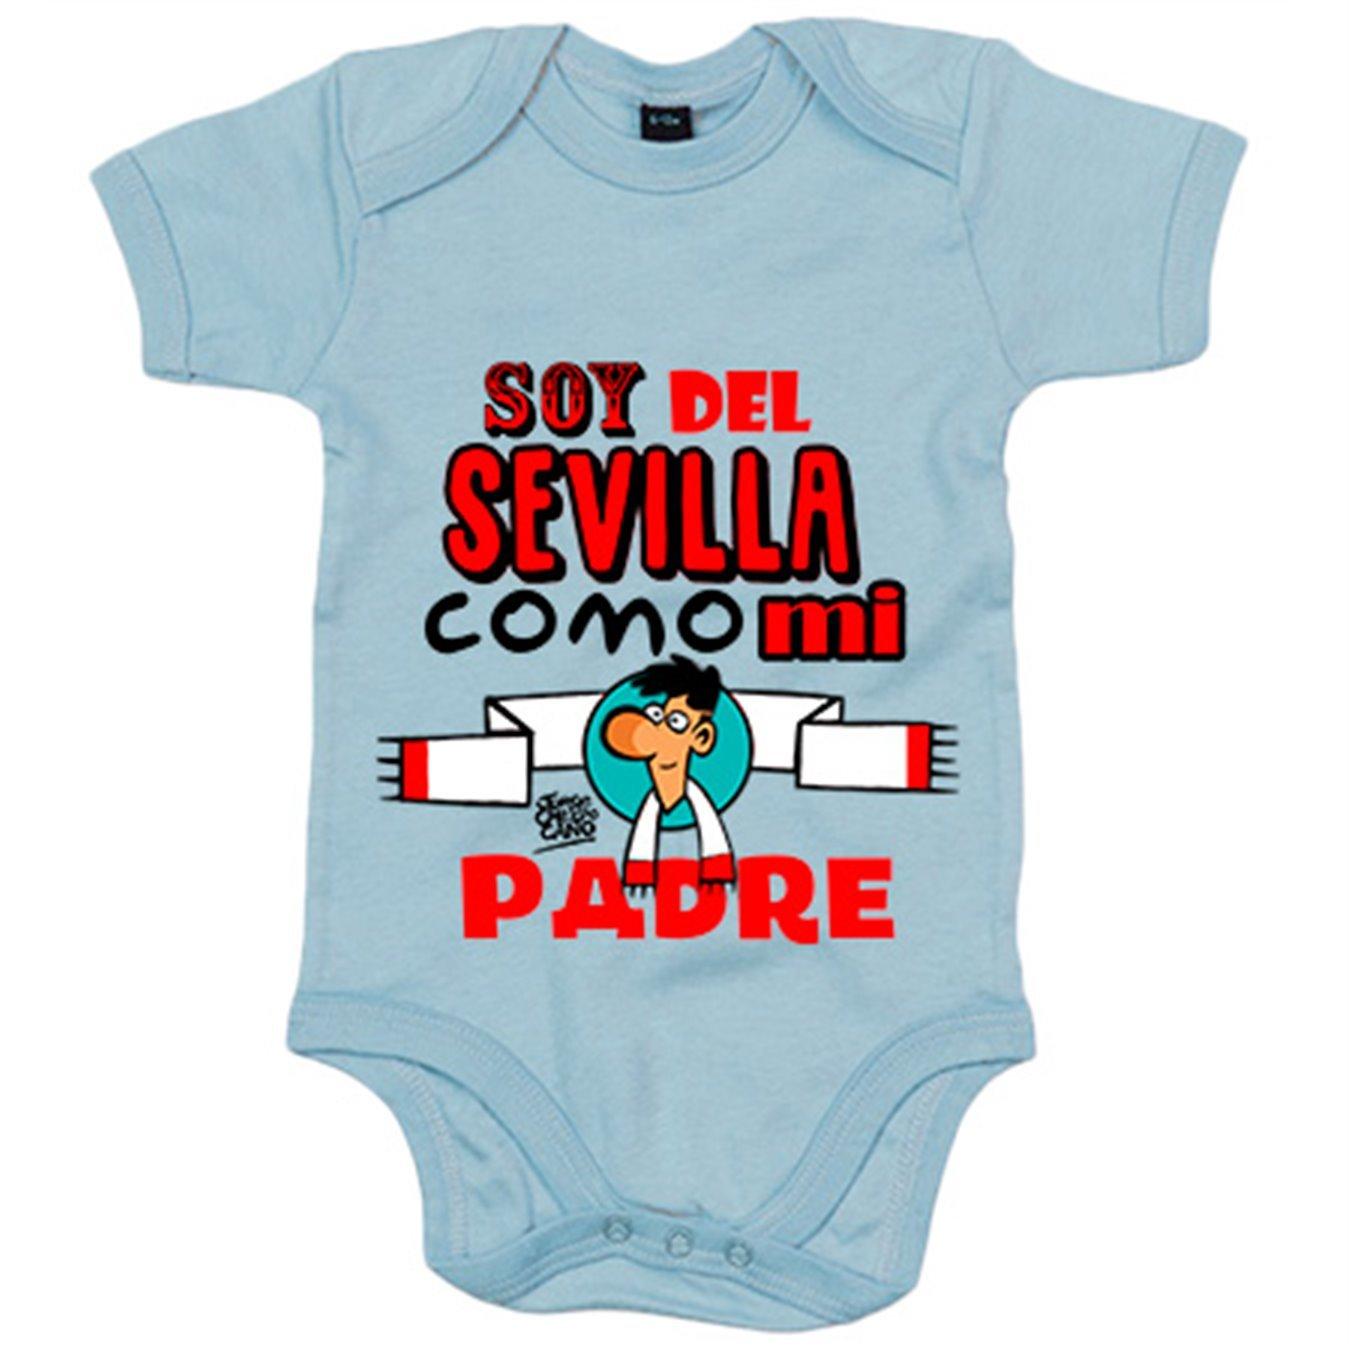 Body bebé soy del Sevilla como mi padre Jorge Crespo Cano - Blanco, 6-12 meses: Amazon.es: Bebé